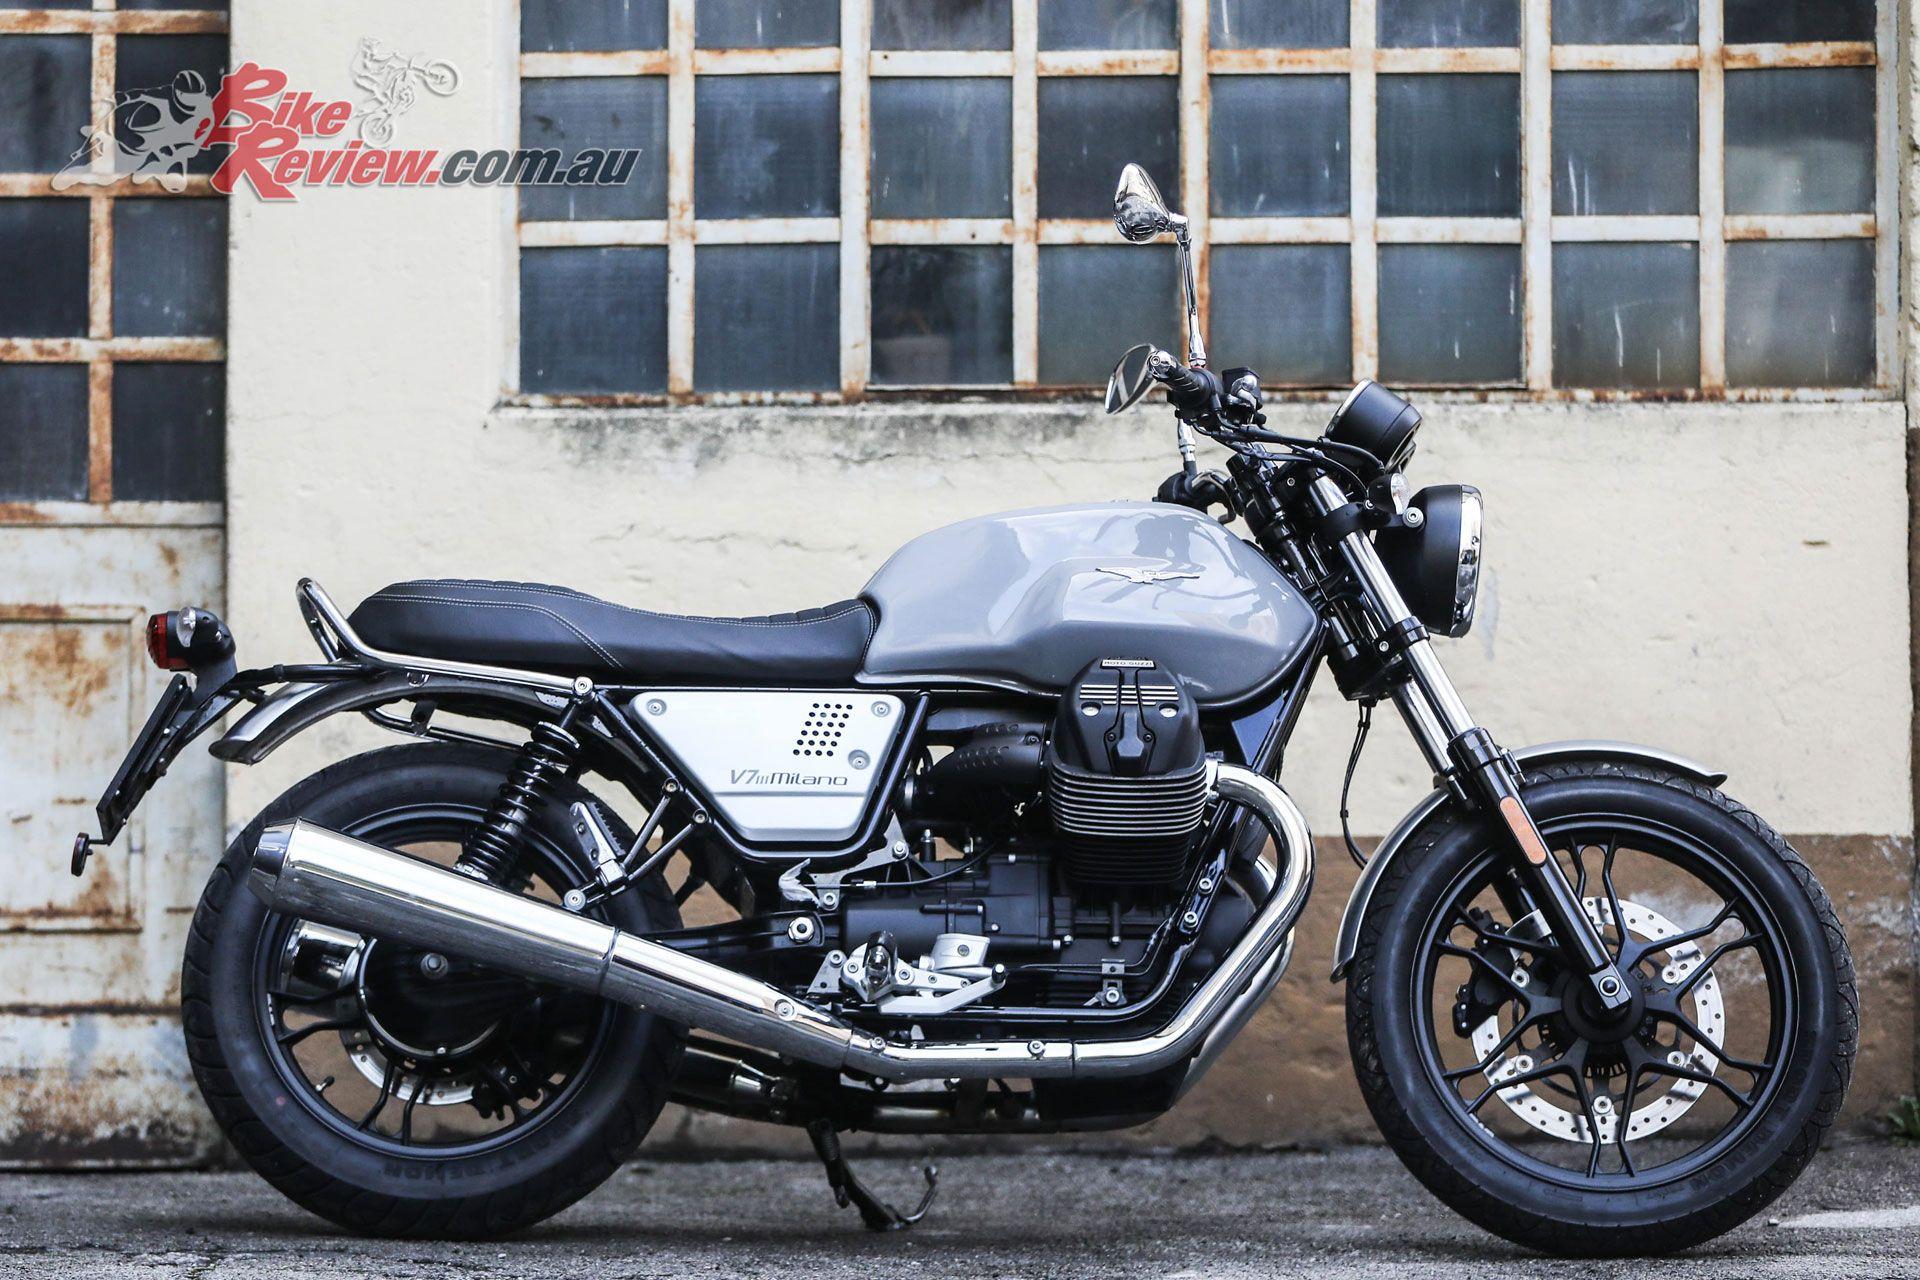 Moto Guzzi V7 Iii Milano Moto Guzzi Moto Guzzi Cafe Racer Moto